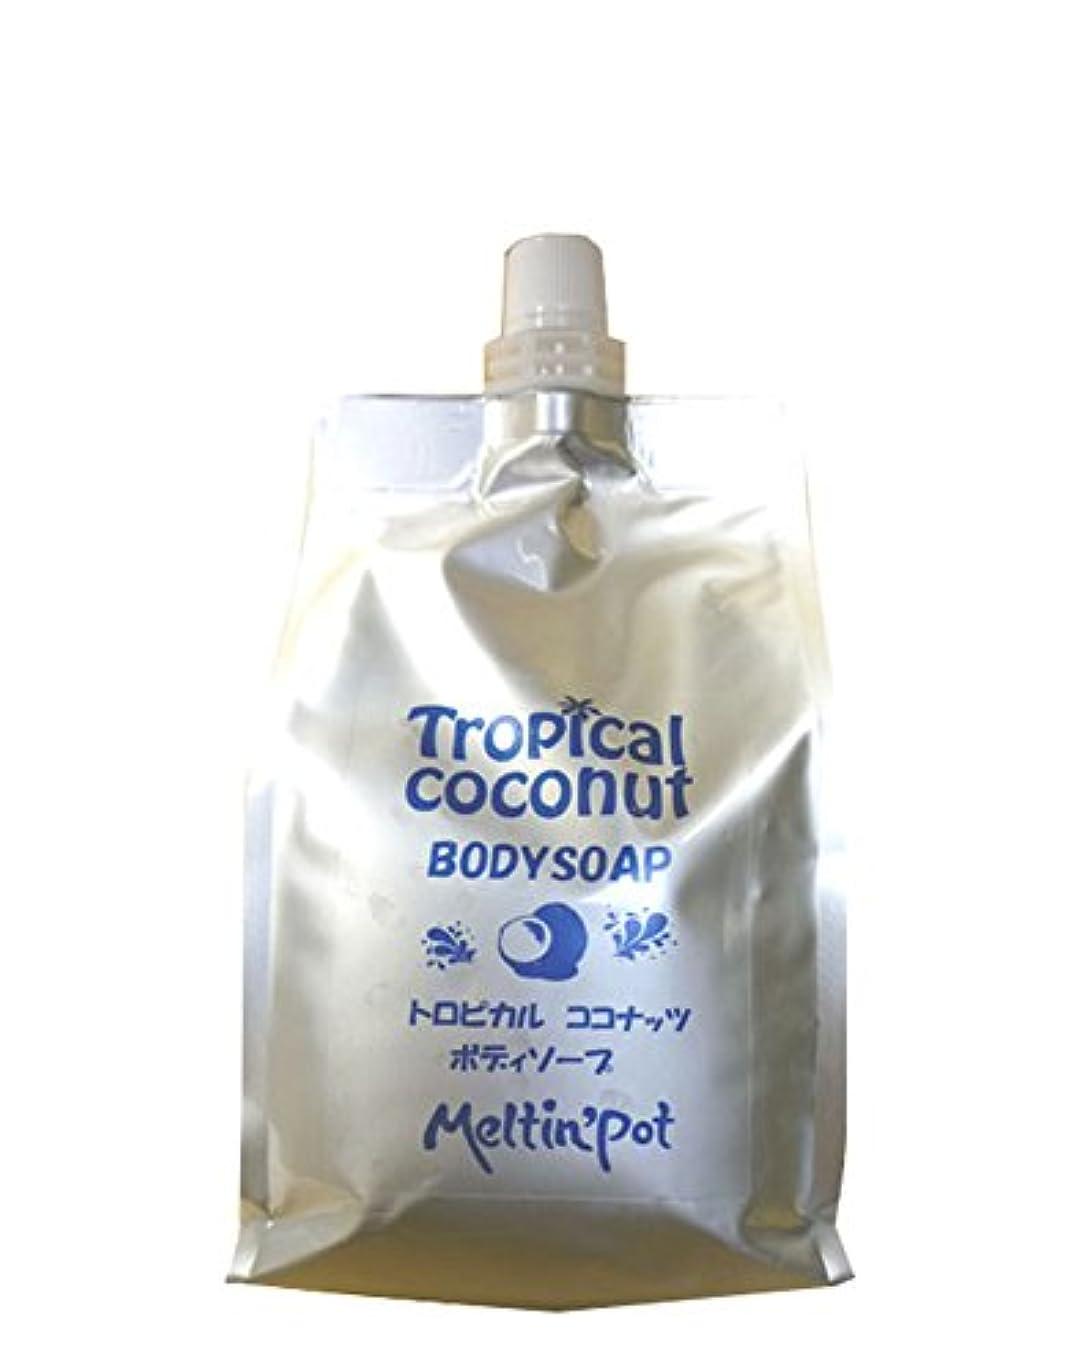 ひも飢えトロピカルココナッツ ボディソープ 1000ml 詰め替え Tropical coconut Body Soap 加齢臭に! [MeltinPot]